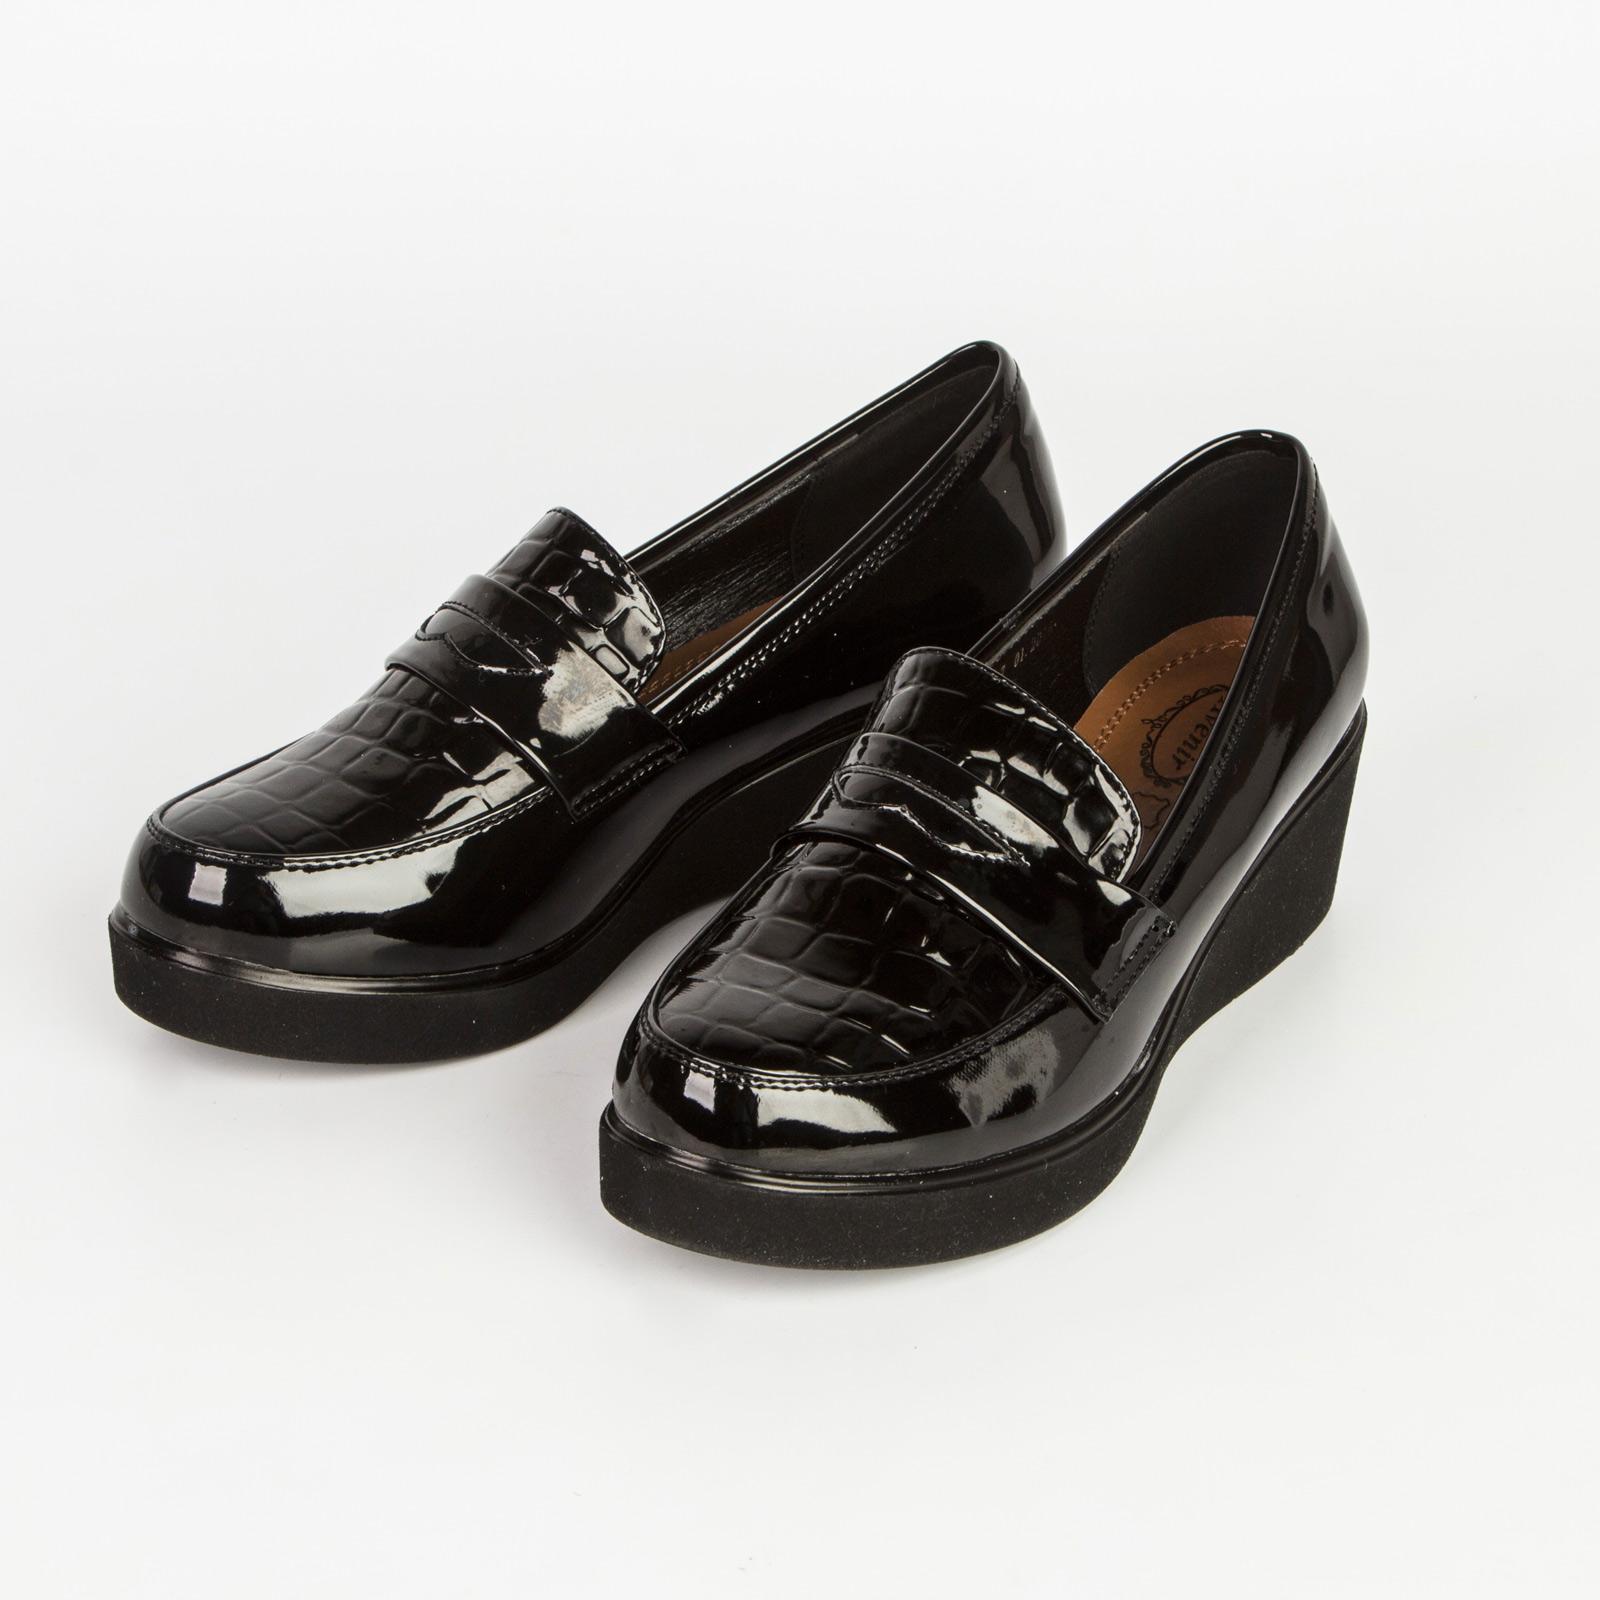 Туфли женские лакированные с вставкой под «рептилию» и стильным ремешком